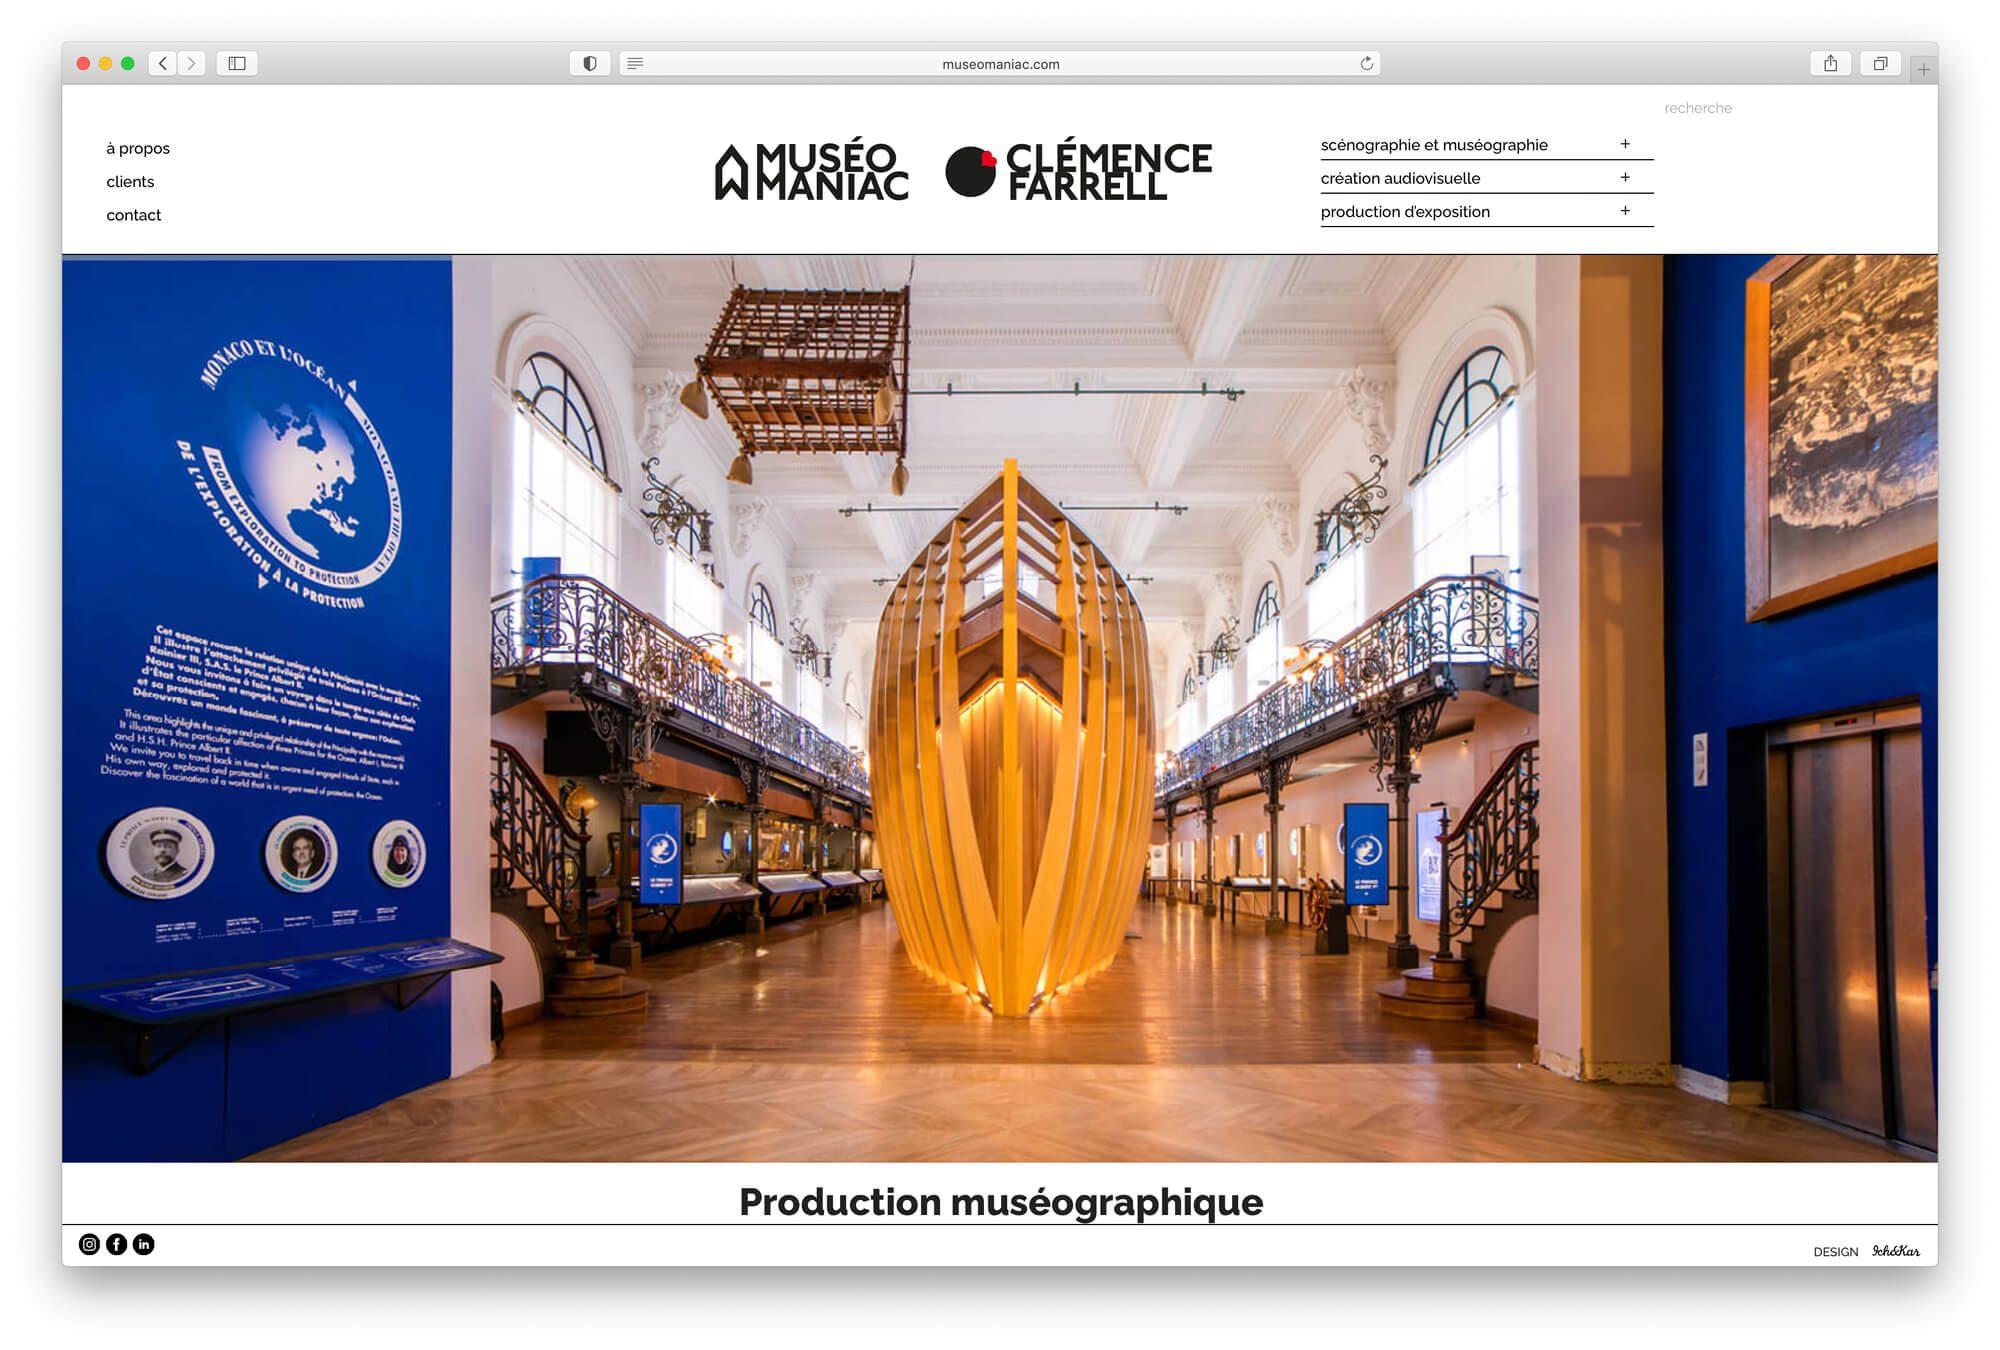 Ichetkar dessine une home avec un diaporama full screen en entrée de site pour la scénographe Clémence Farrell